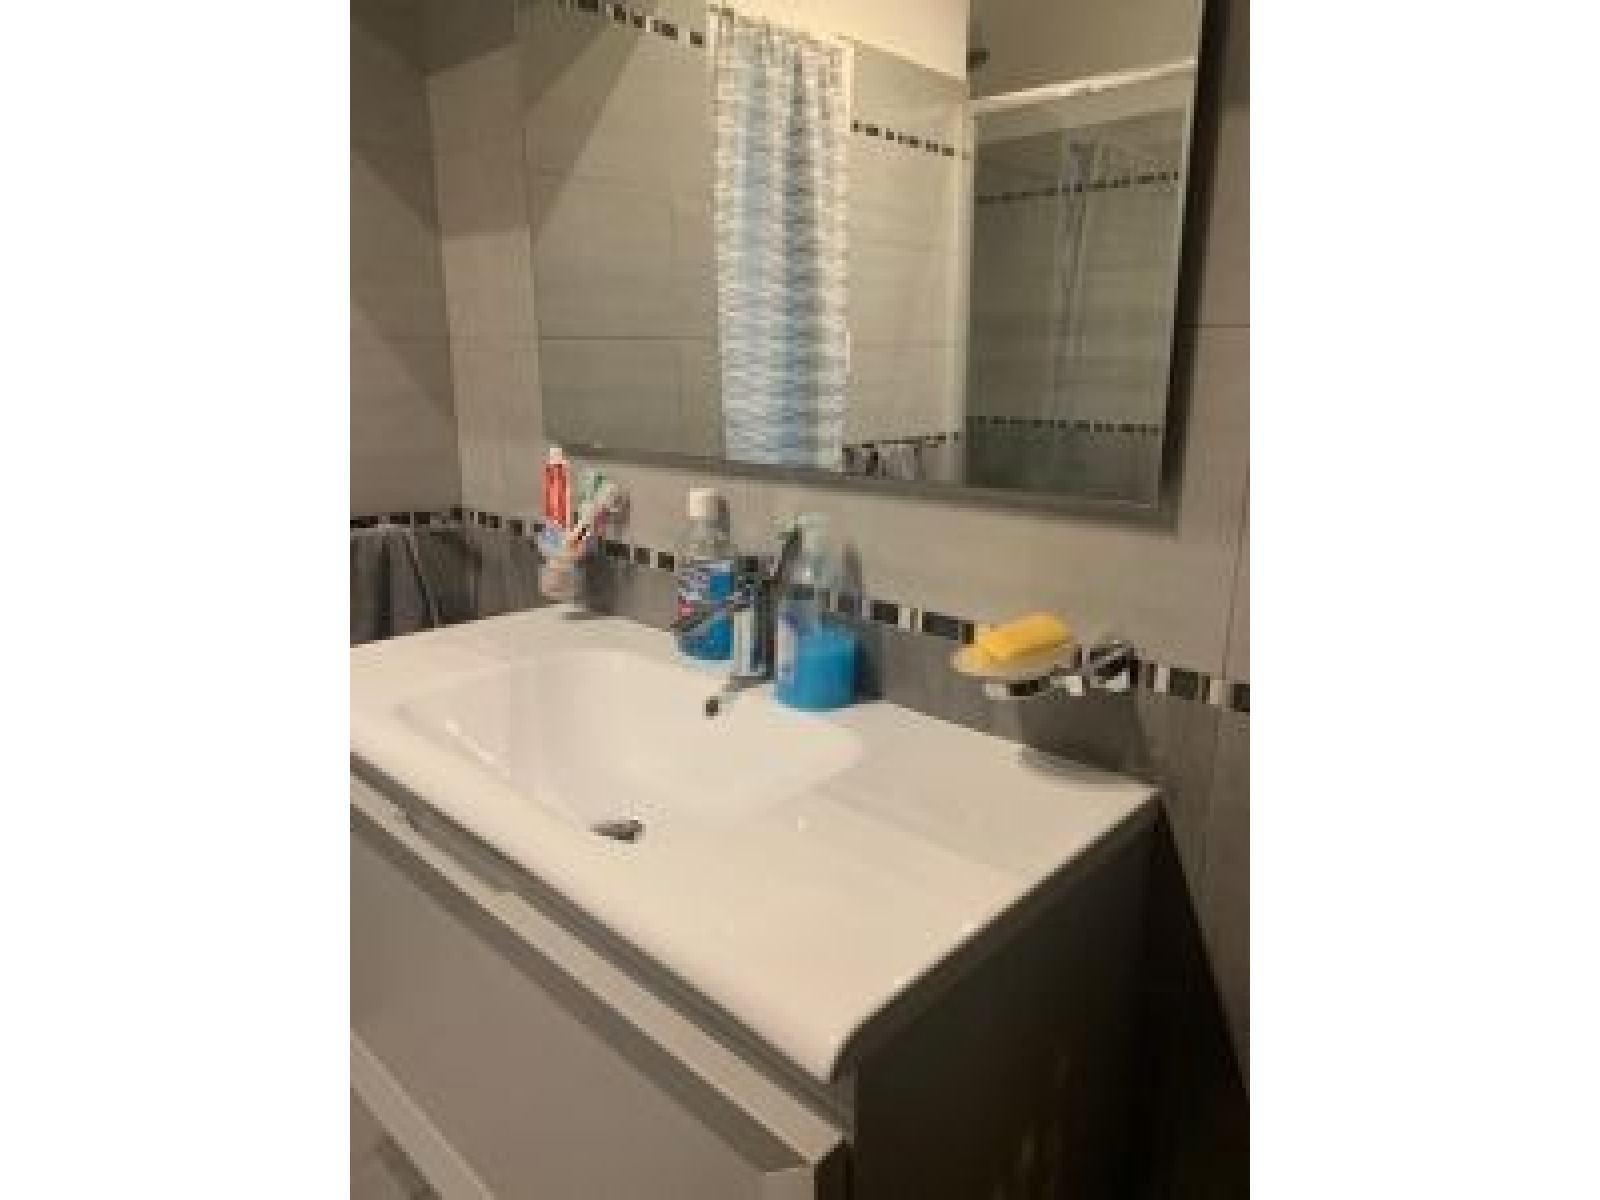 appartamento in vendita Piazza della Radio zona Marconi Bagno dettaglio Lavabo